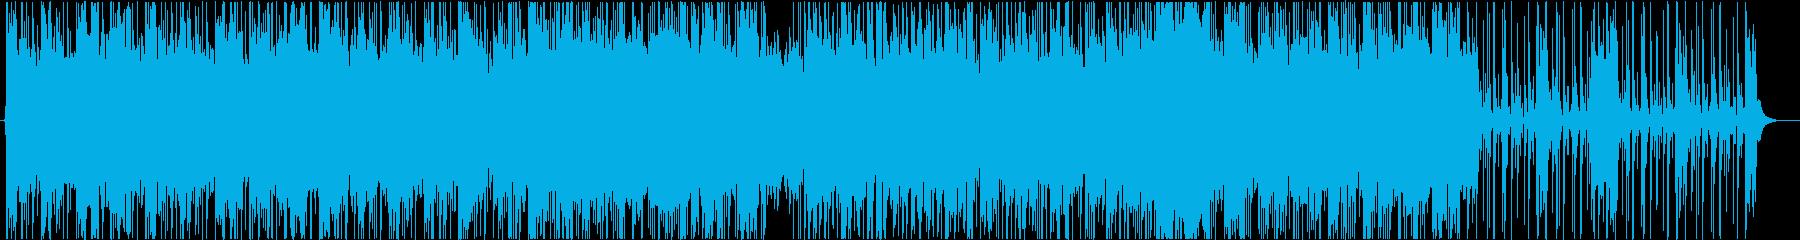 ギターで奏でるファンクナンバーの再生済みの波形